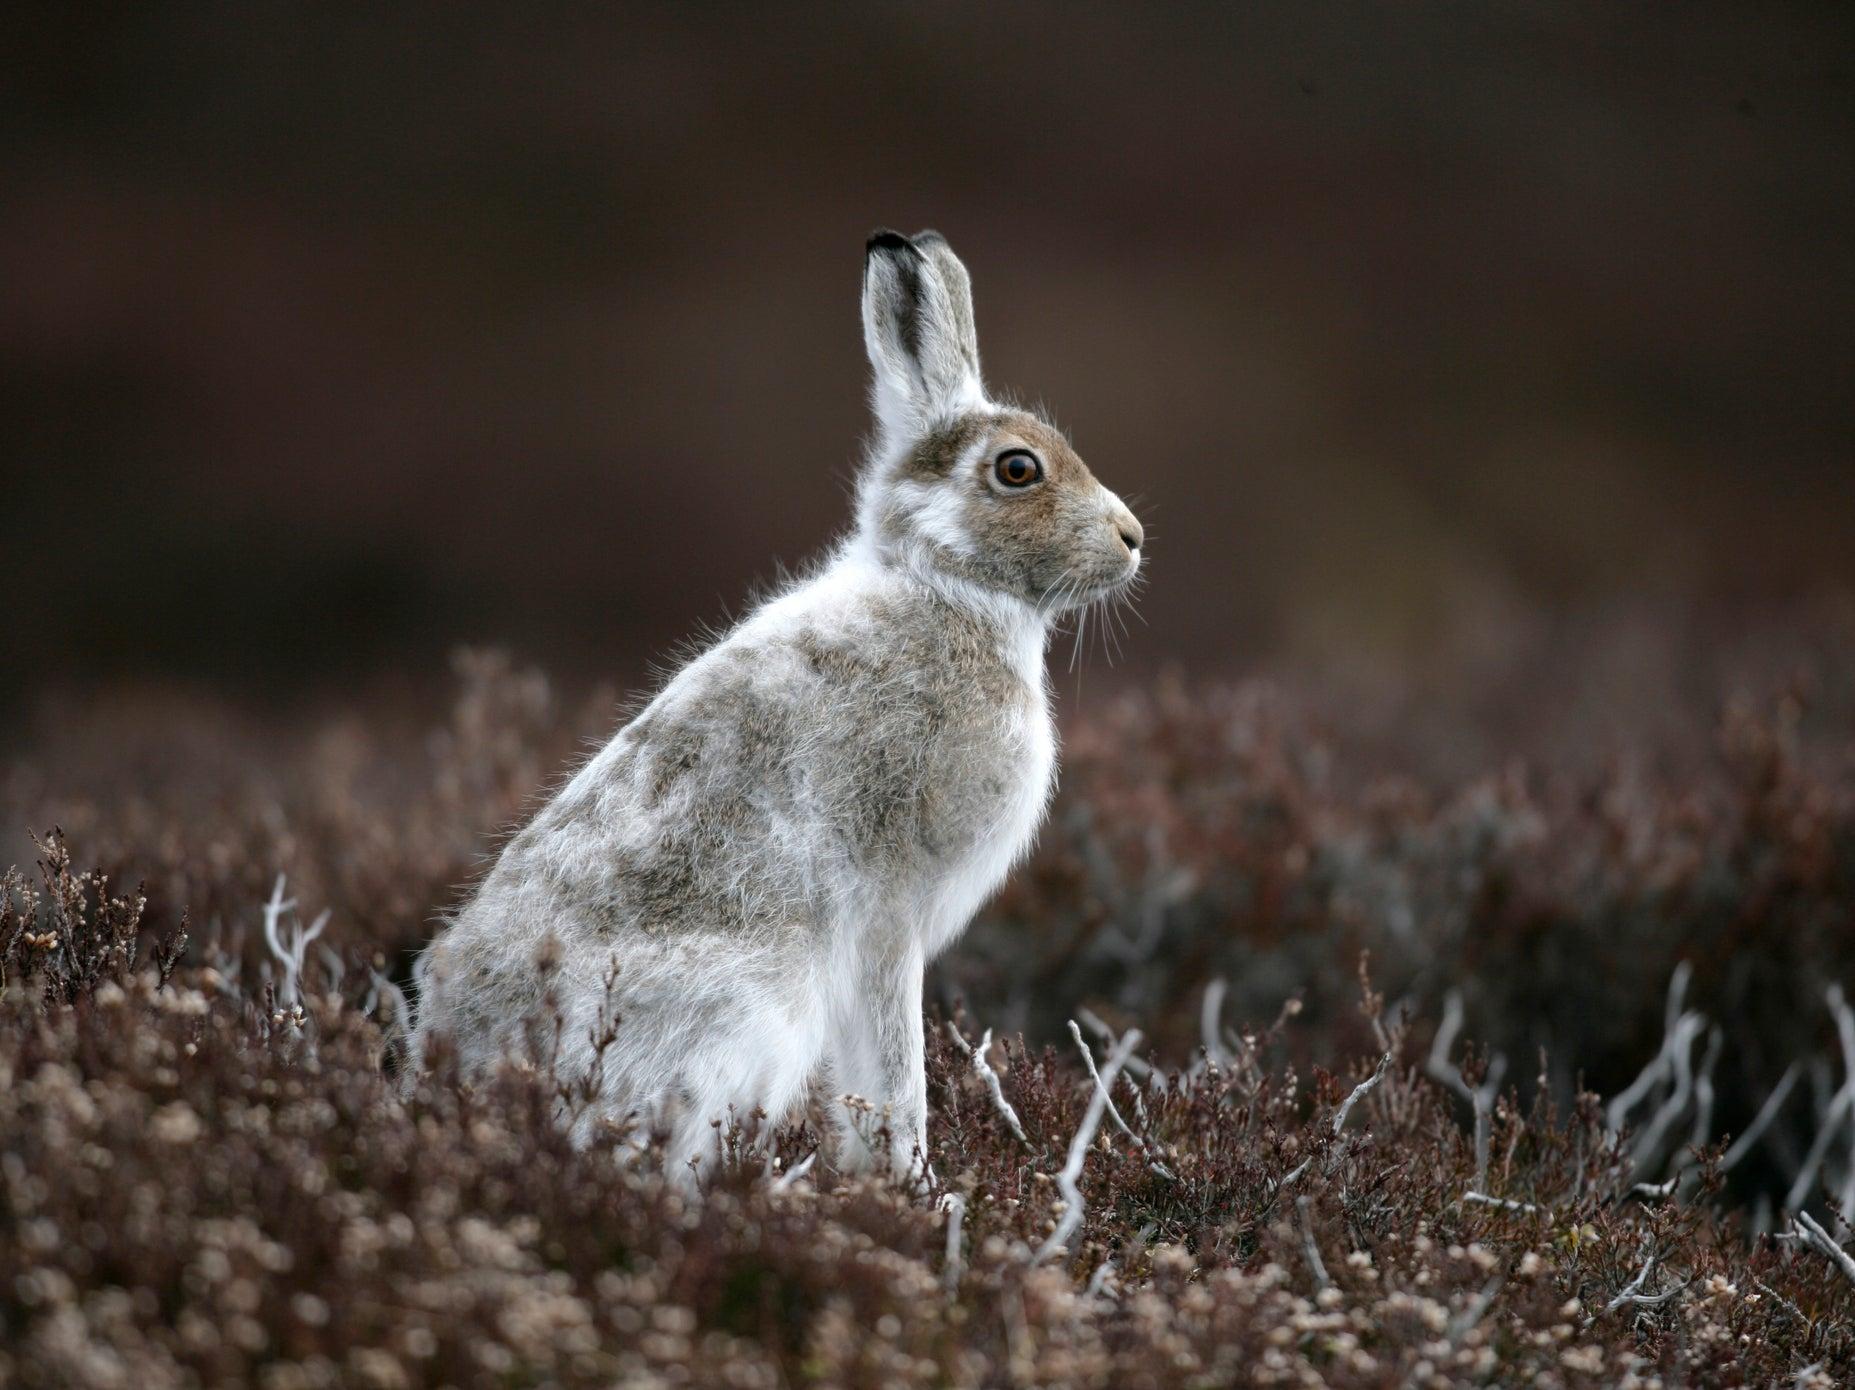 mountain hare lepus timidus irish mountain hare the secret life of the mountain hare mountain hares peak district mountain hare habitat the mountain hare white mountain hare